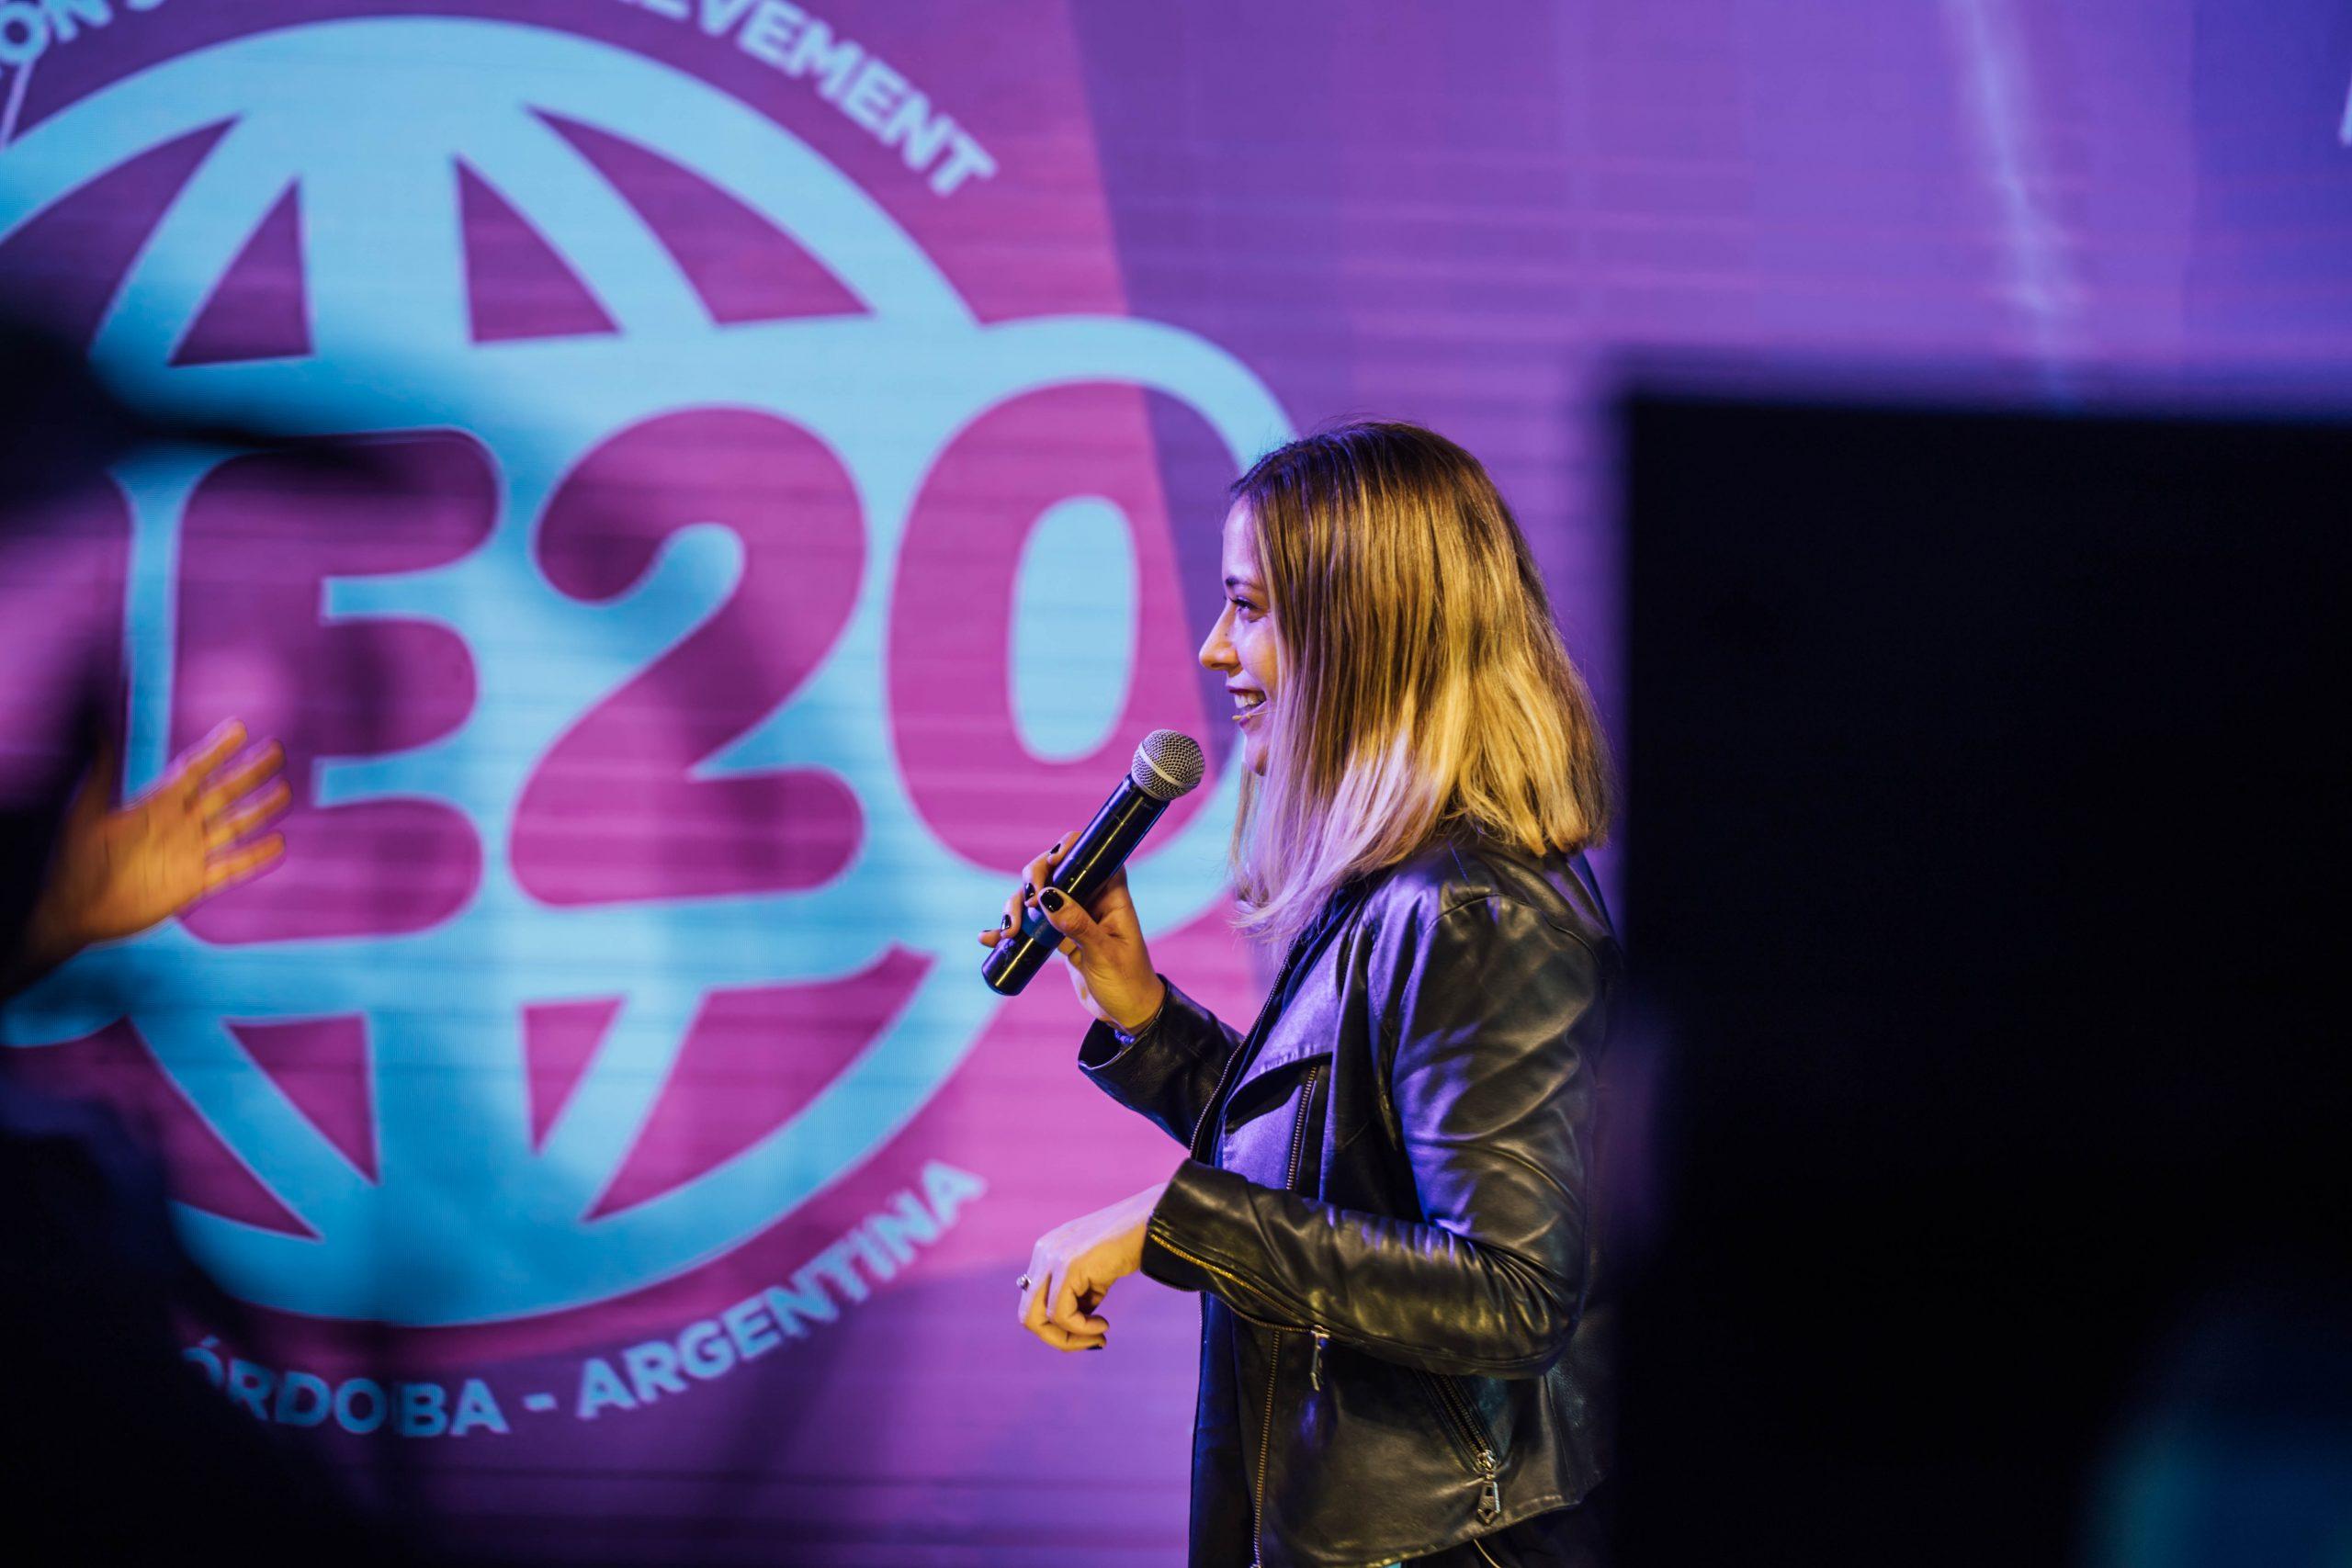 FIE 2020 virtual